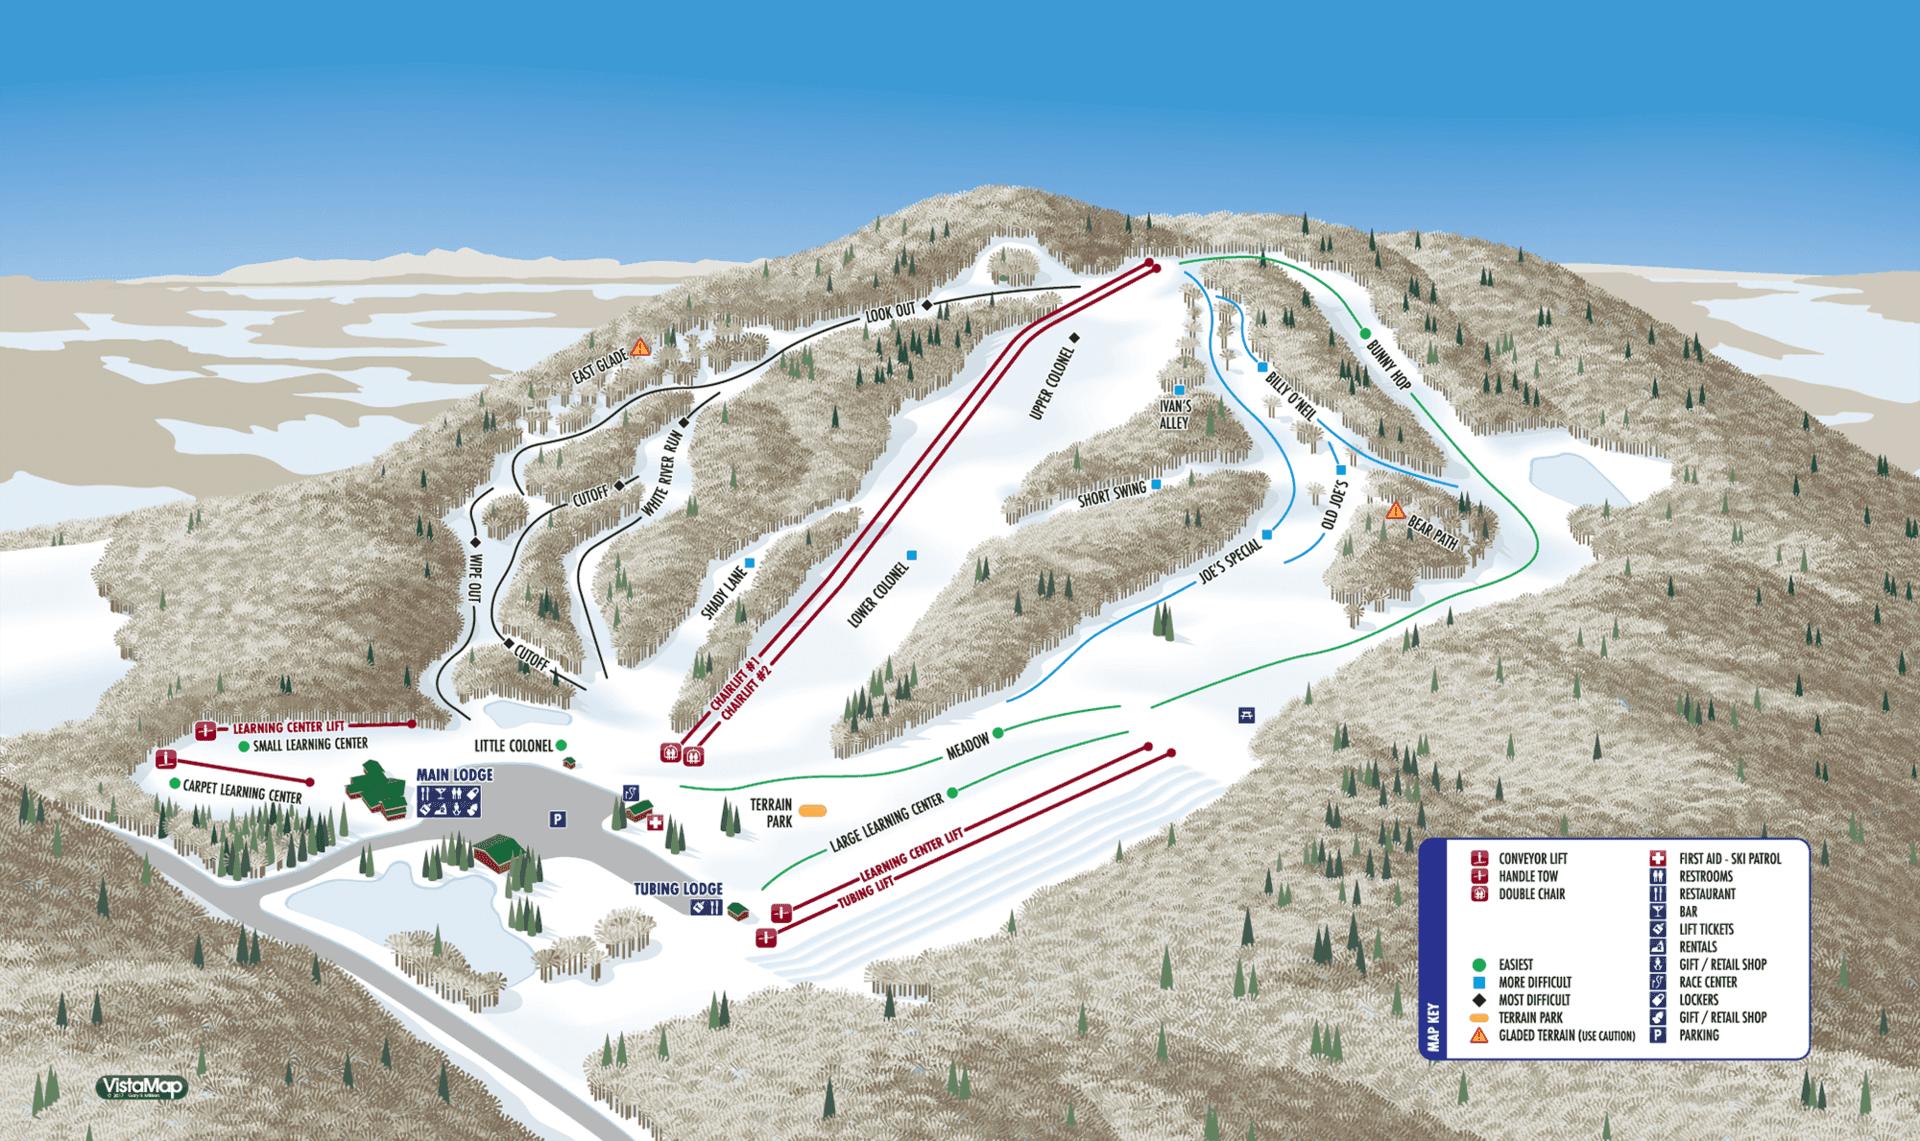 TRAIL MAP on ski resort ny state, ski upstate new york map, ski resorts map of new york city, mountains of new york map, skiing near new york map, new york ski resort area map, new york ski mountains map, ski new england map, ski new mexico map, ski west mountain new york, ski slopes in ny,